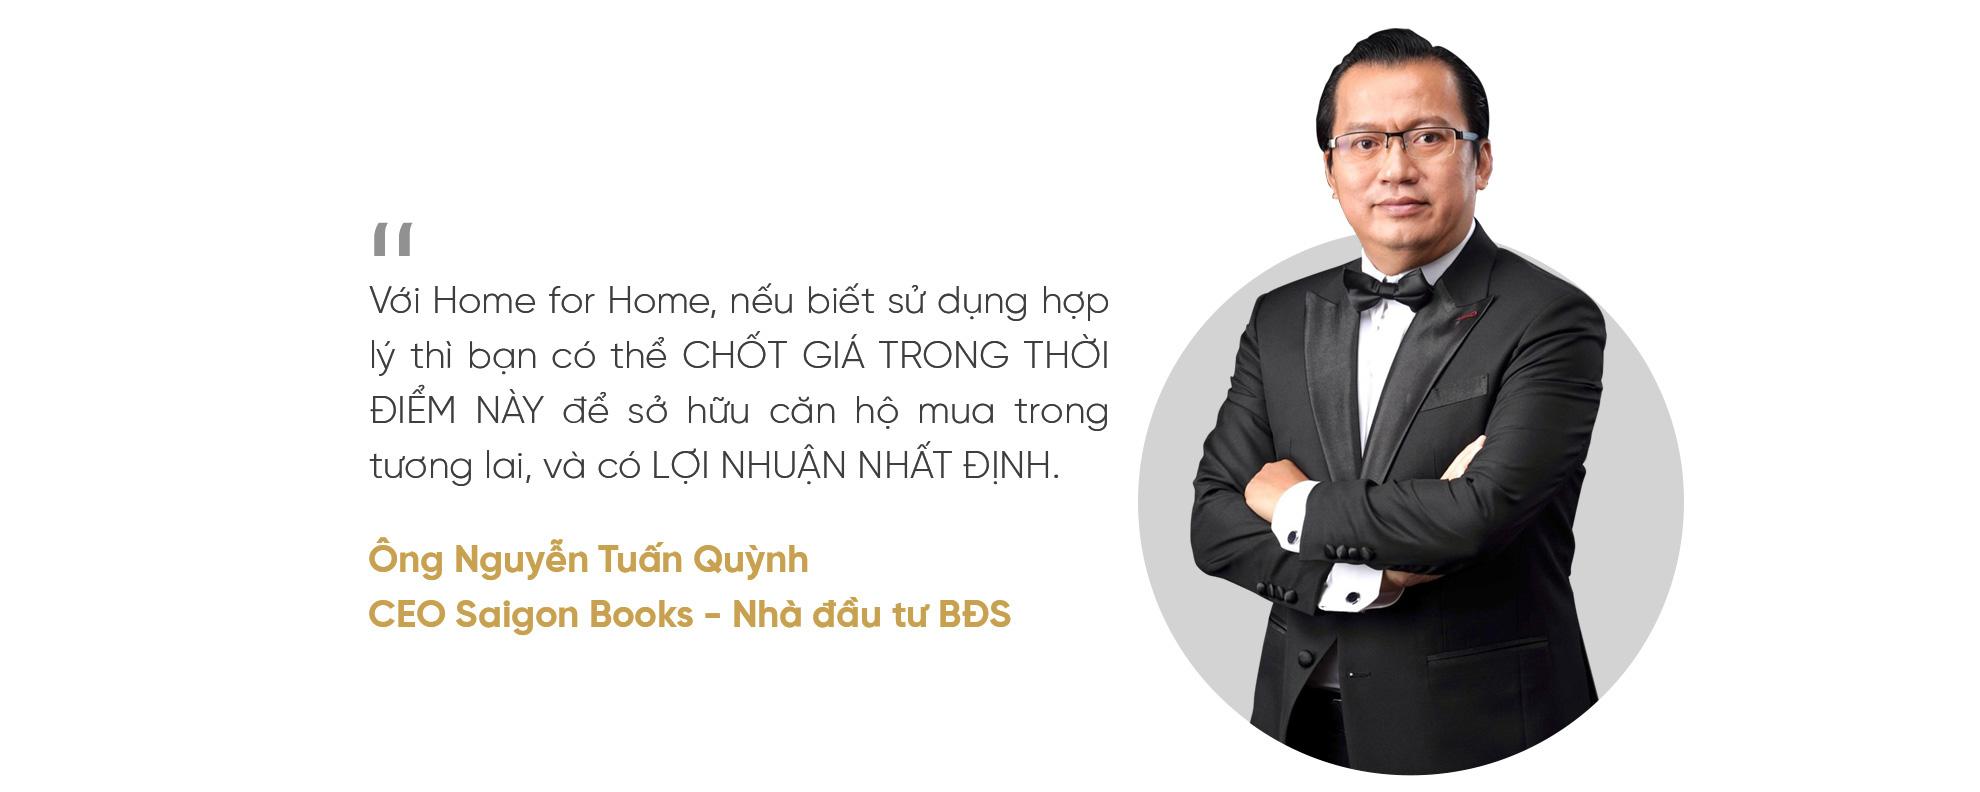 """Hỏi - đáp cùng chuyên gia về """"Home for Home"""": Đổi nhà không cần vốn liệu có khả thi? - Ảnh 9."""